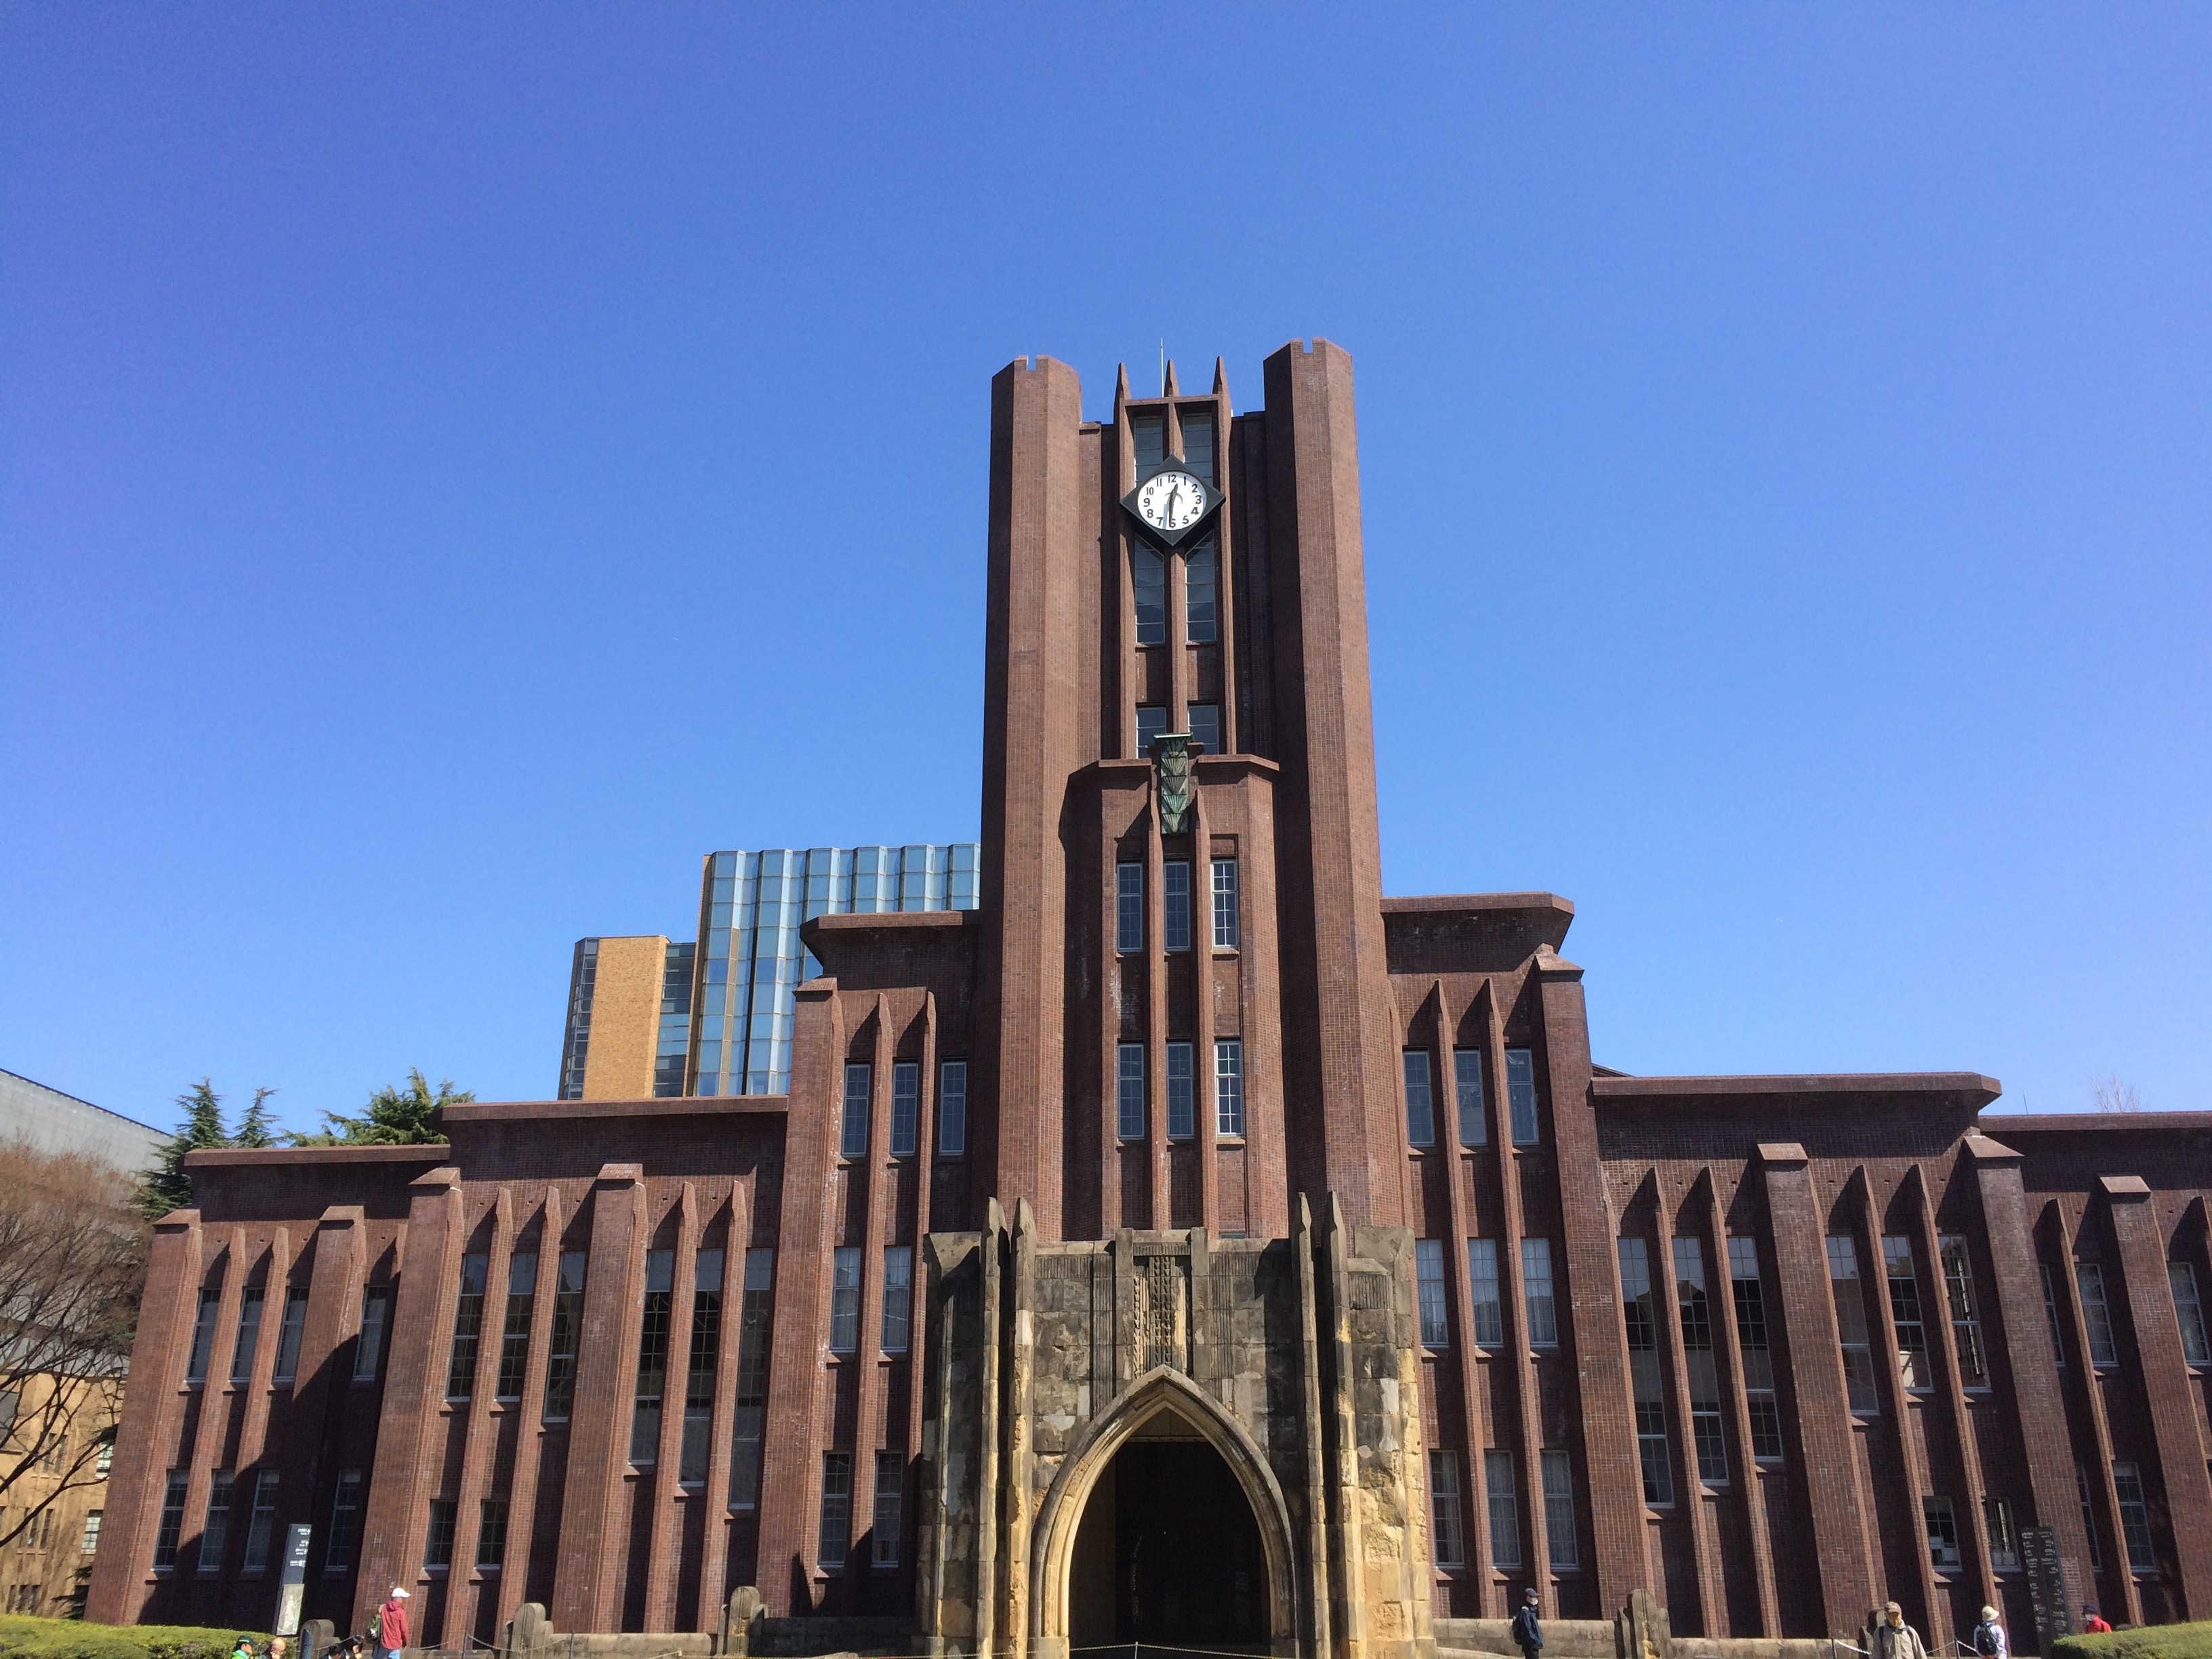 安田講堂(東京大学大学堂)